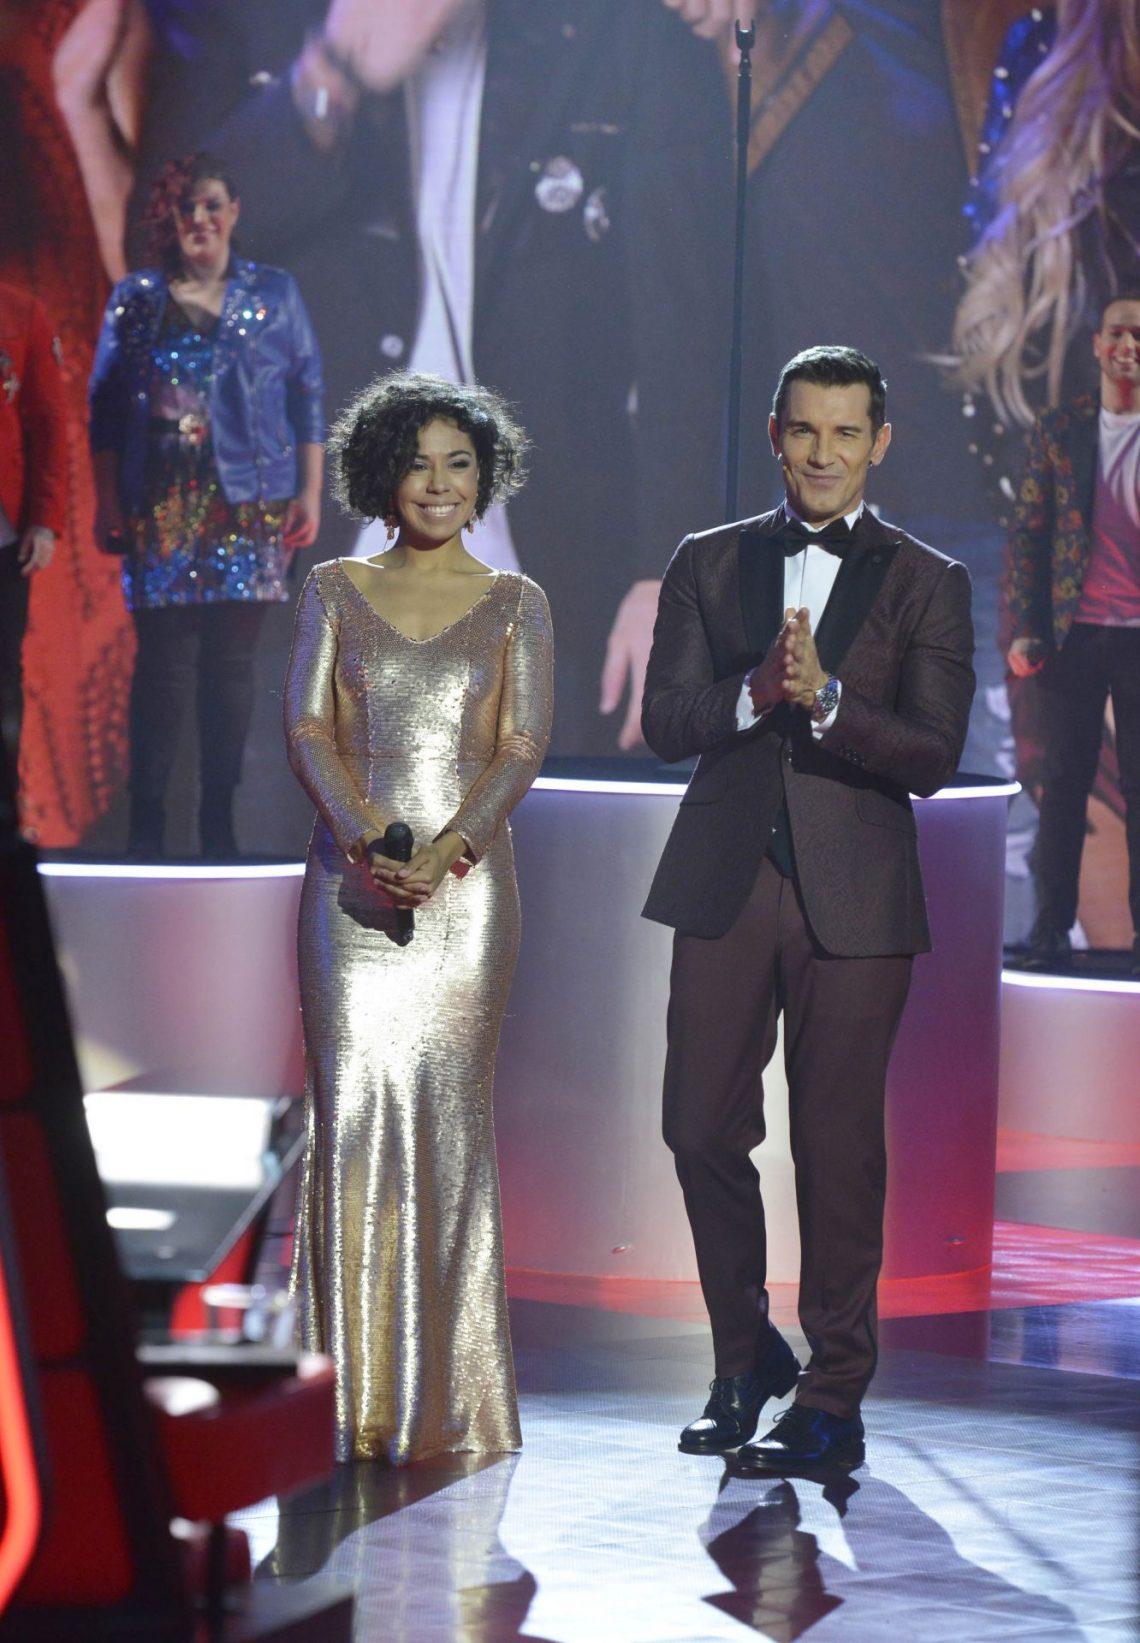 Te mostramos las mejores fotos de la semifinal de La Voz, que elige este próximo viernes a su ganador